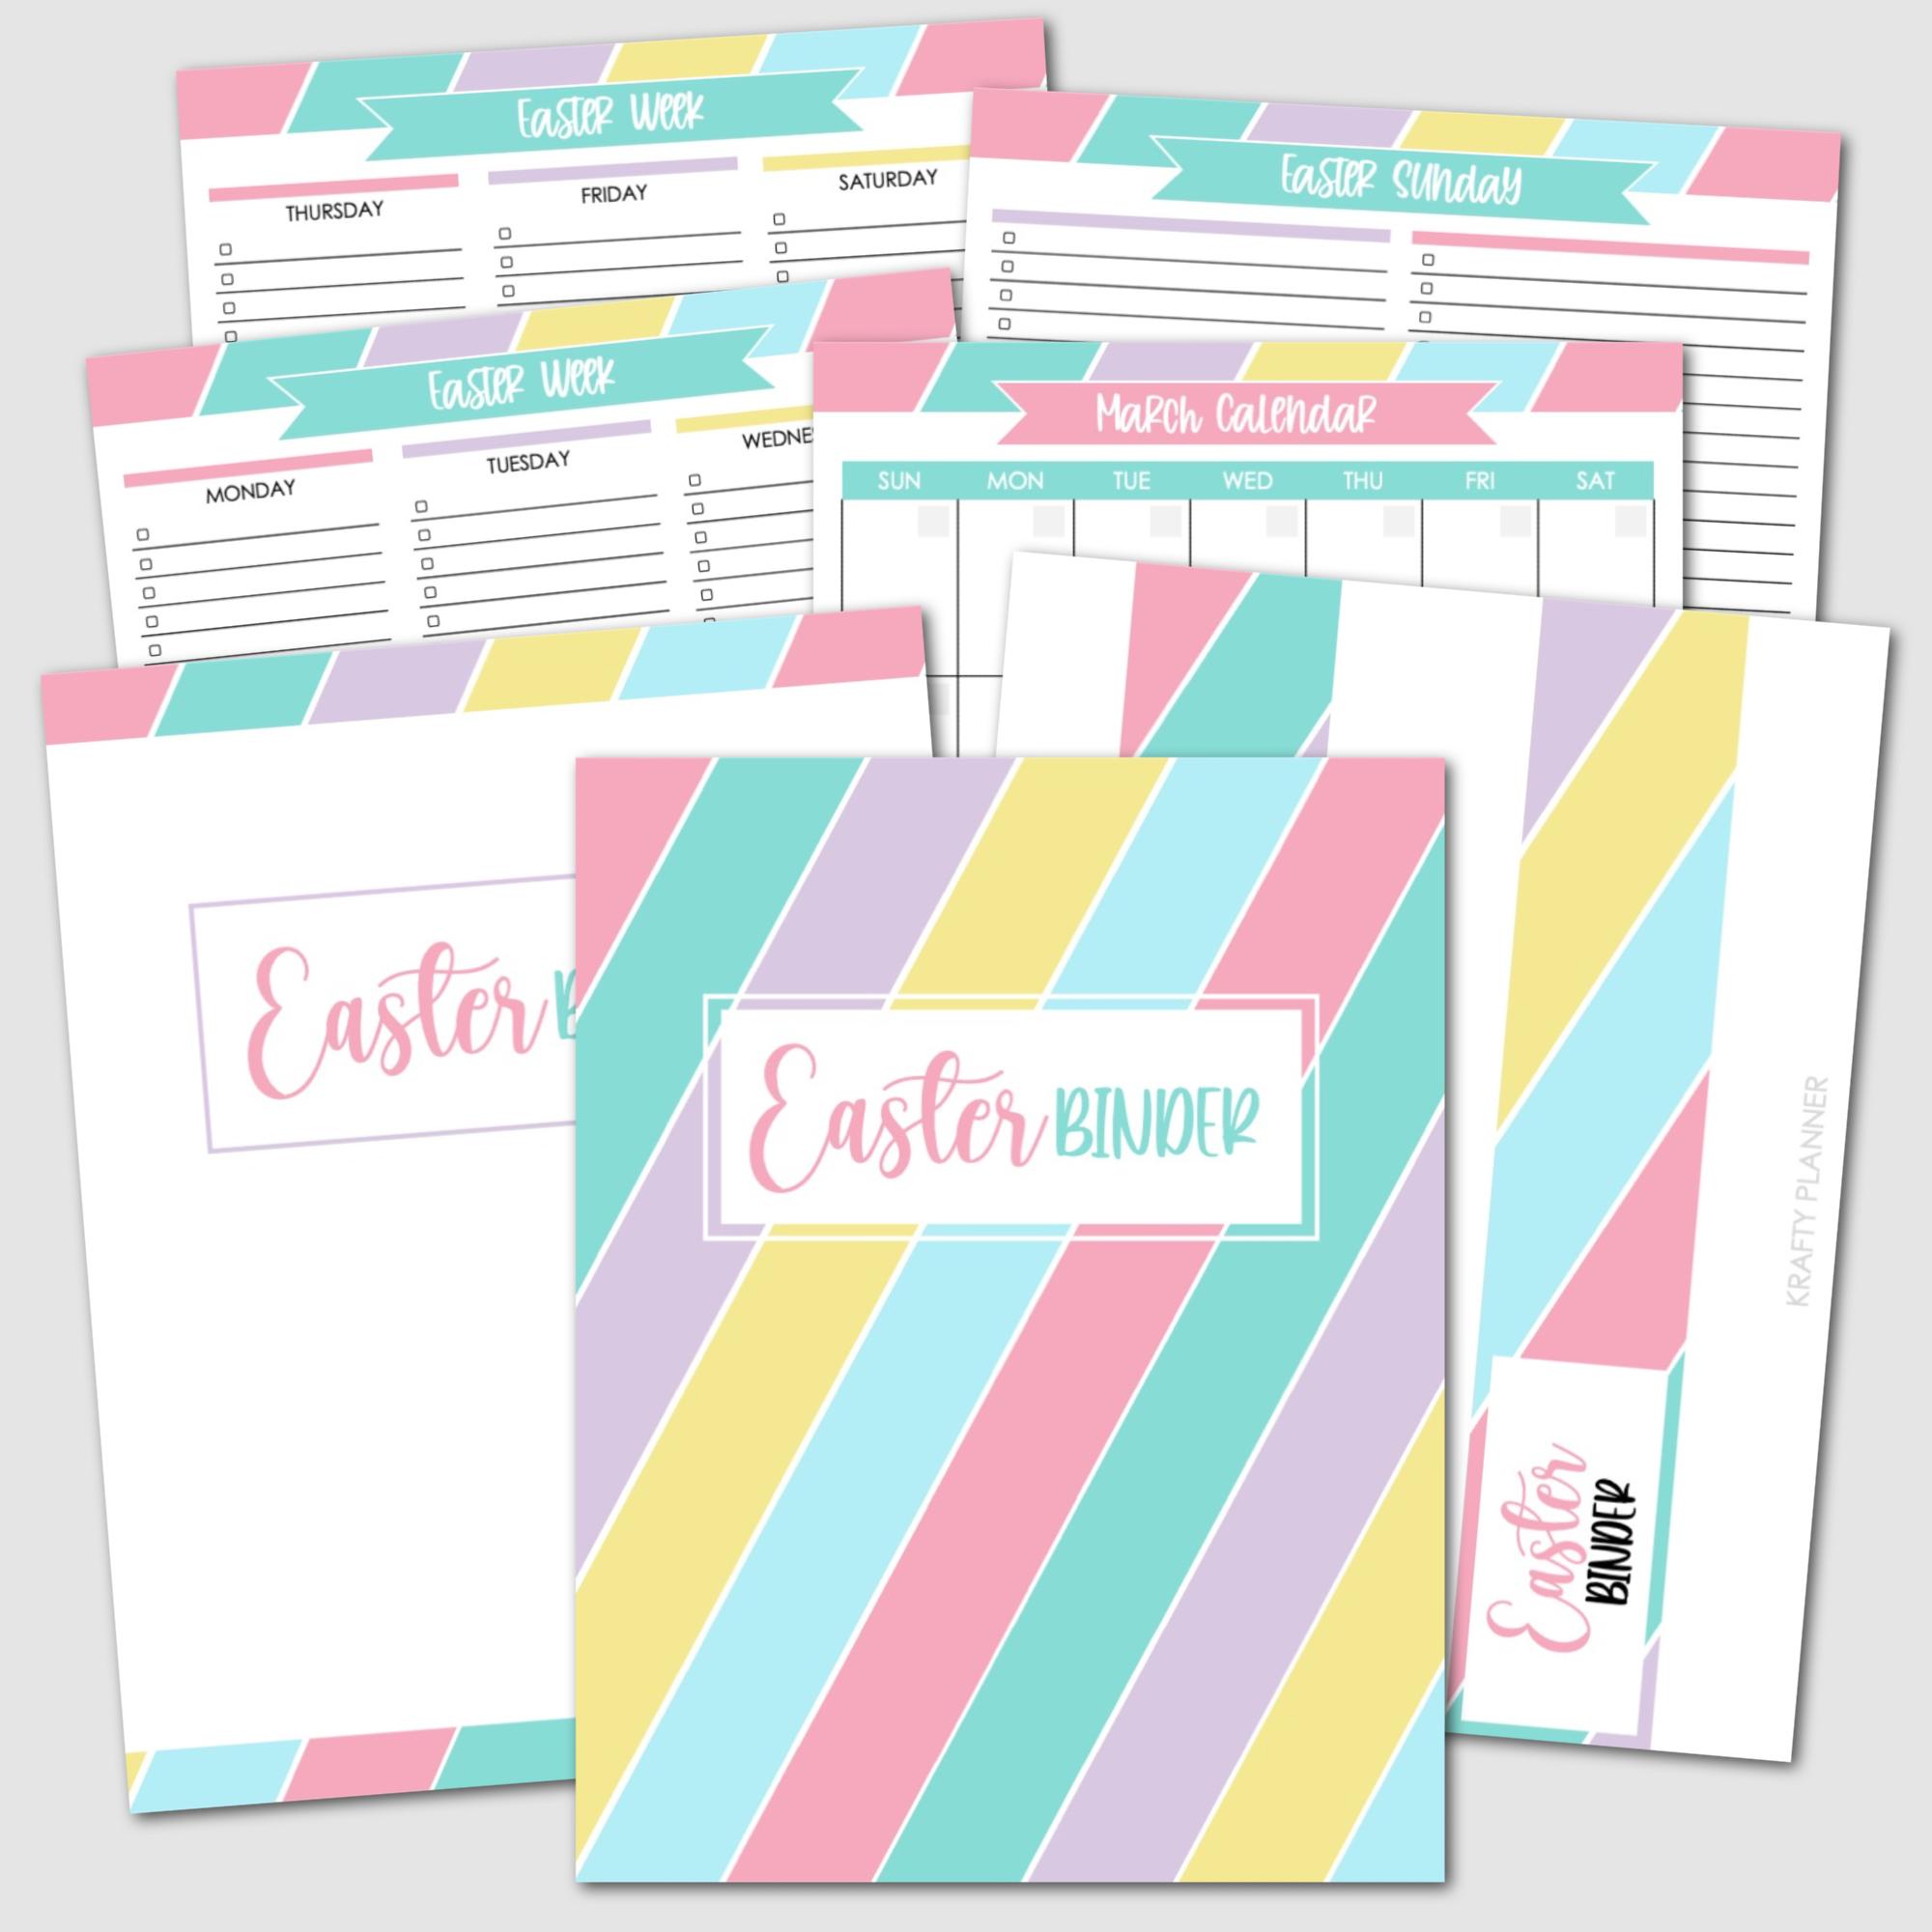 Easter binder - planner.png